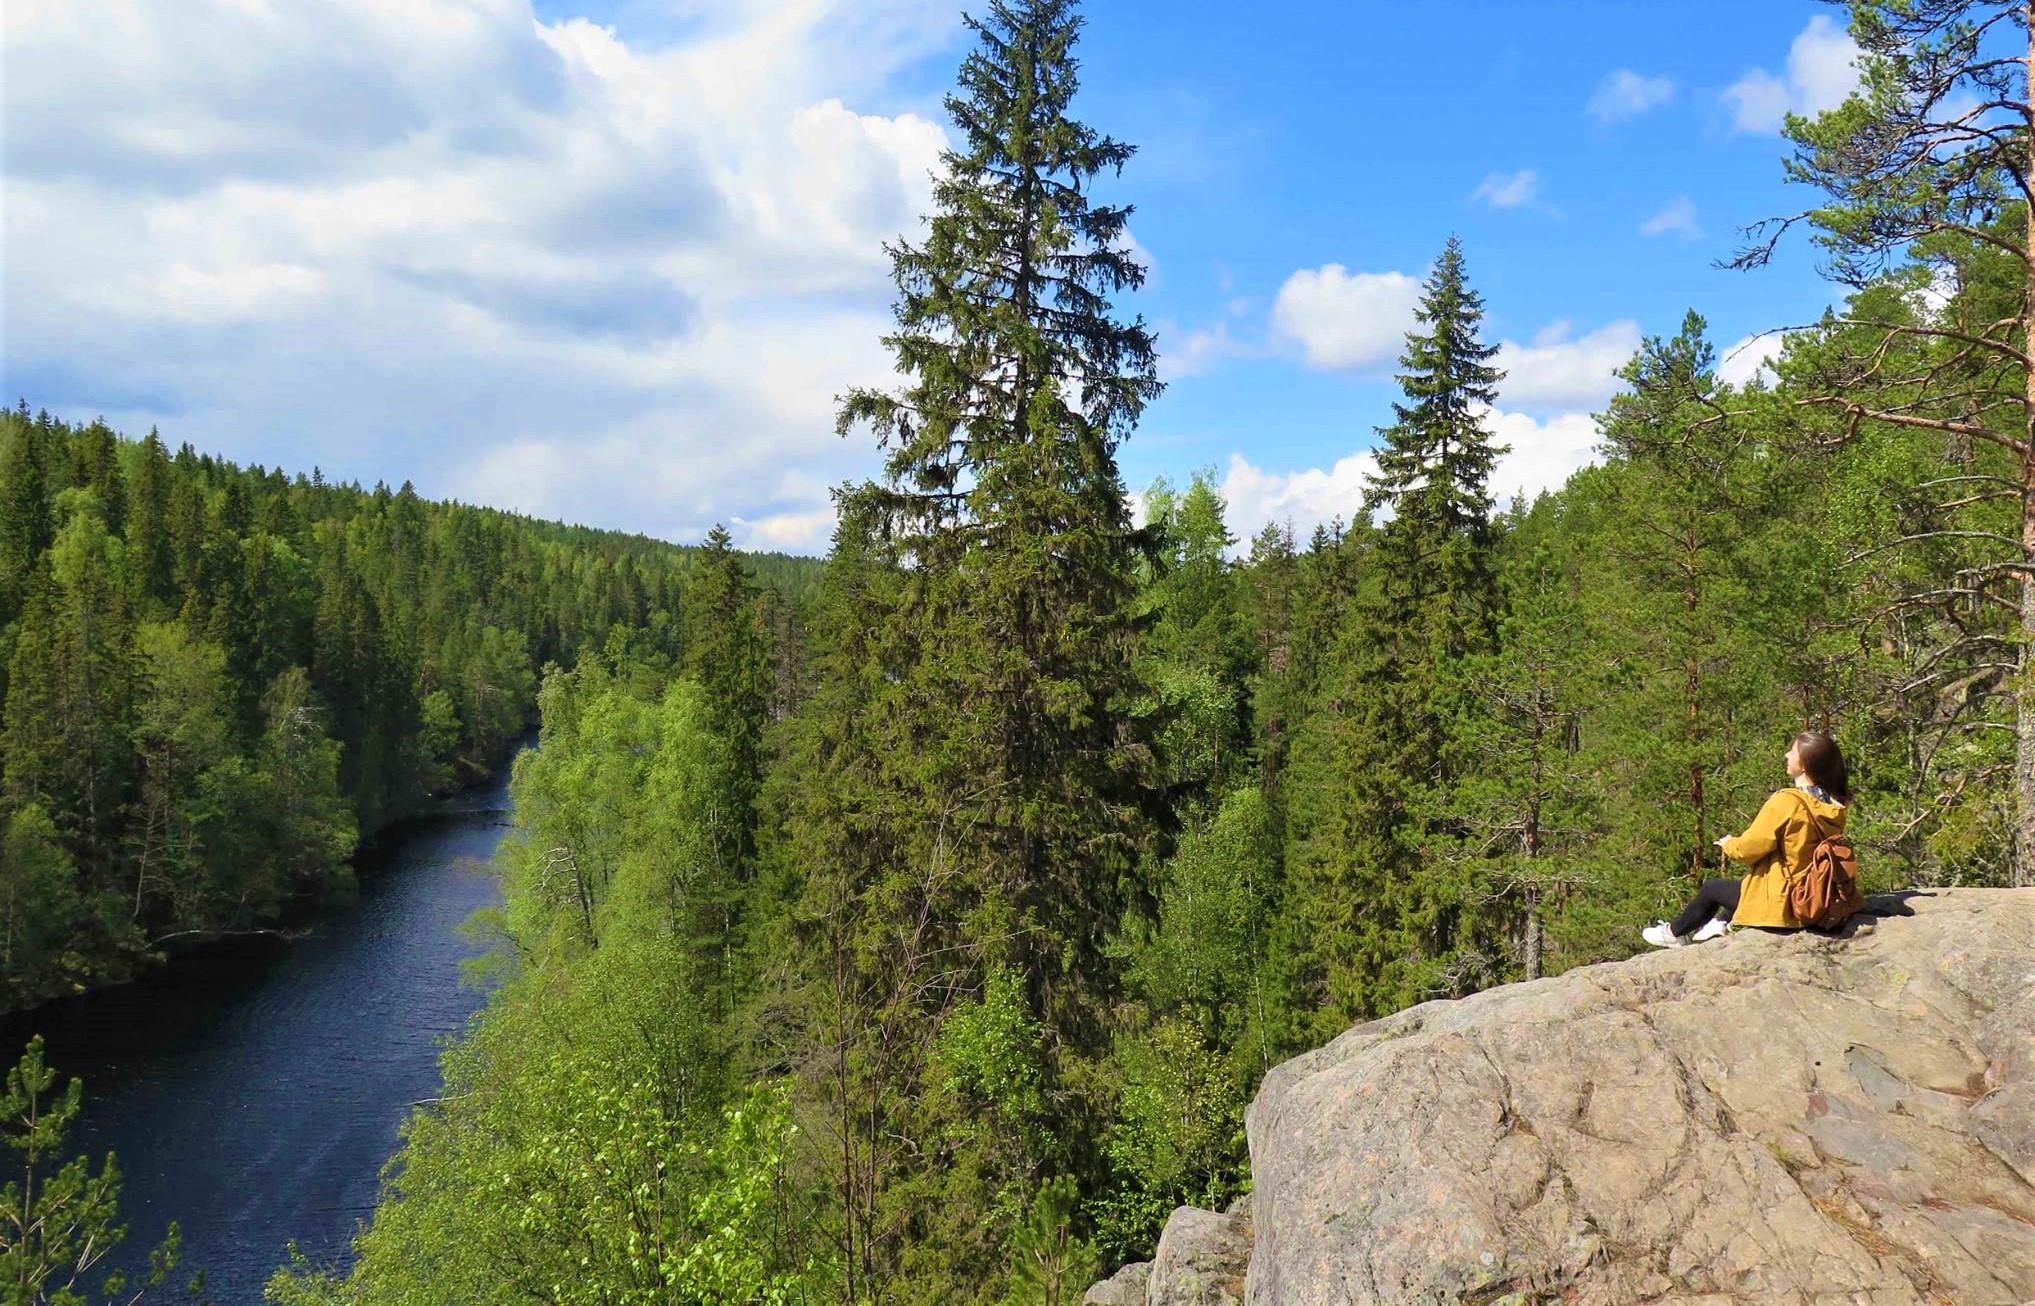 Helvetinjärvi National Park - Kuva Metsähallit Tiina Hakkarainen